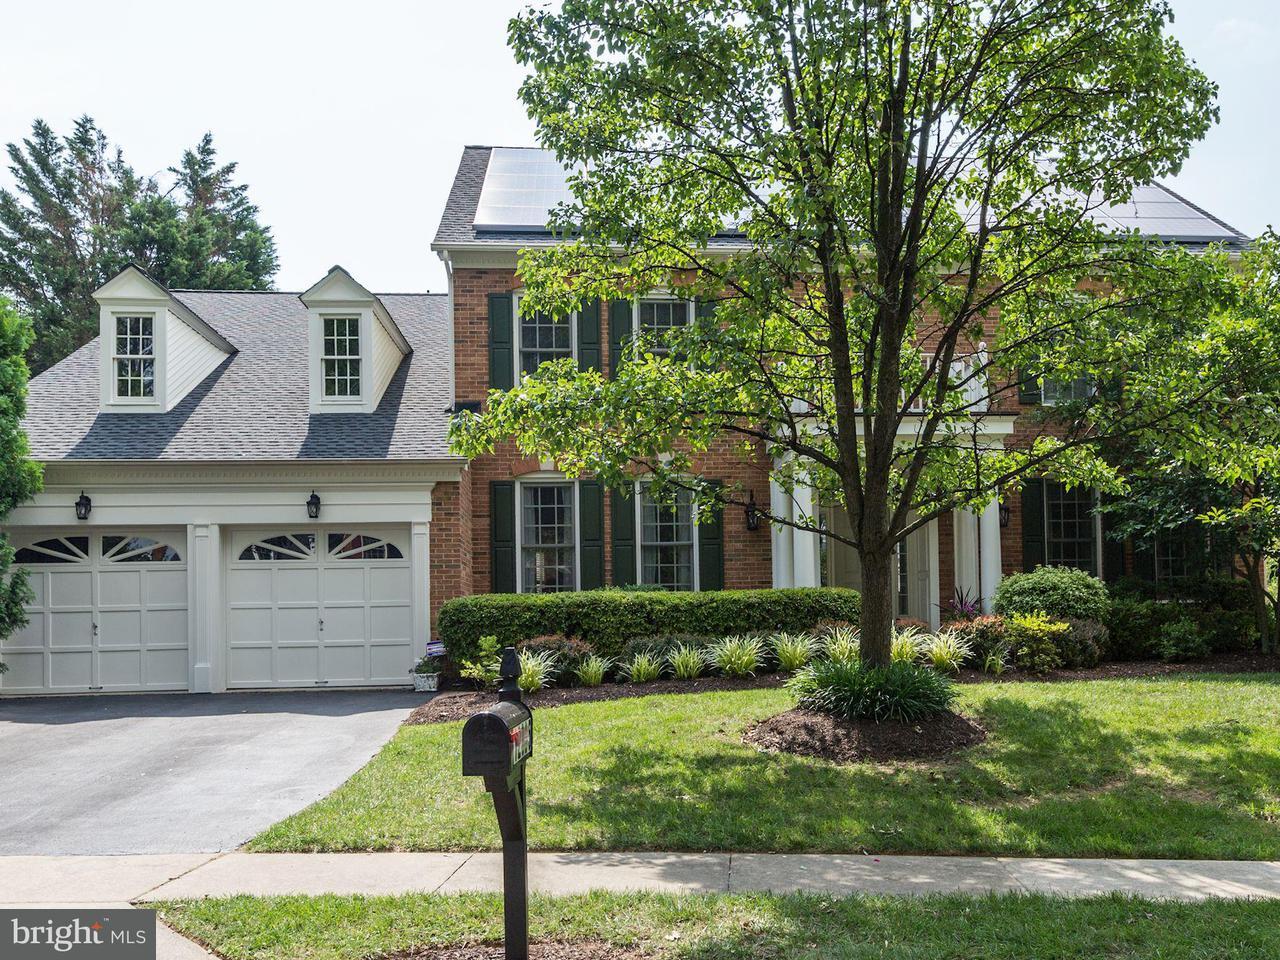 Частный односемейный дом для того Продажа на 12005 ARISTA MANOR WAY 12005 ARISTA MANOR WAY Germantown, Мэриленд 20876 Соединенные Штаты